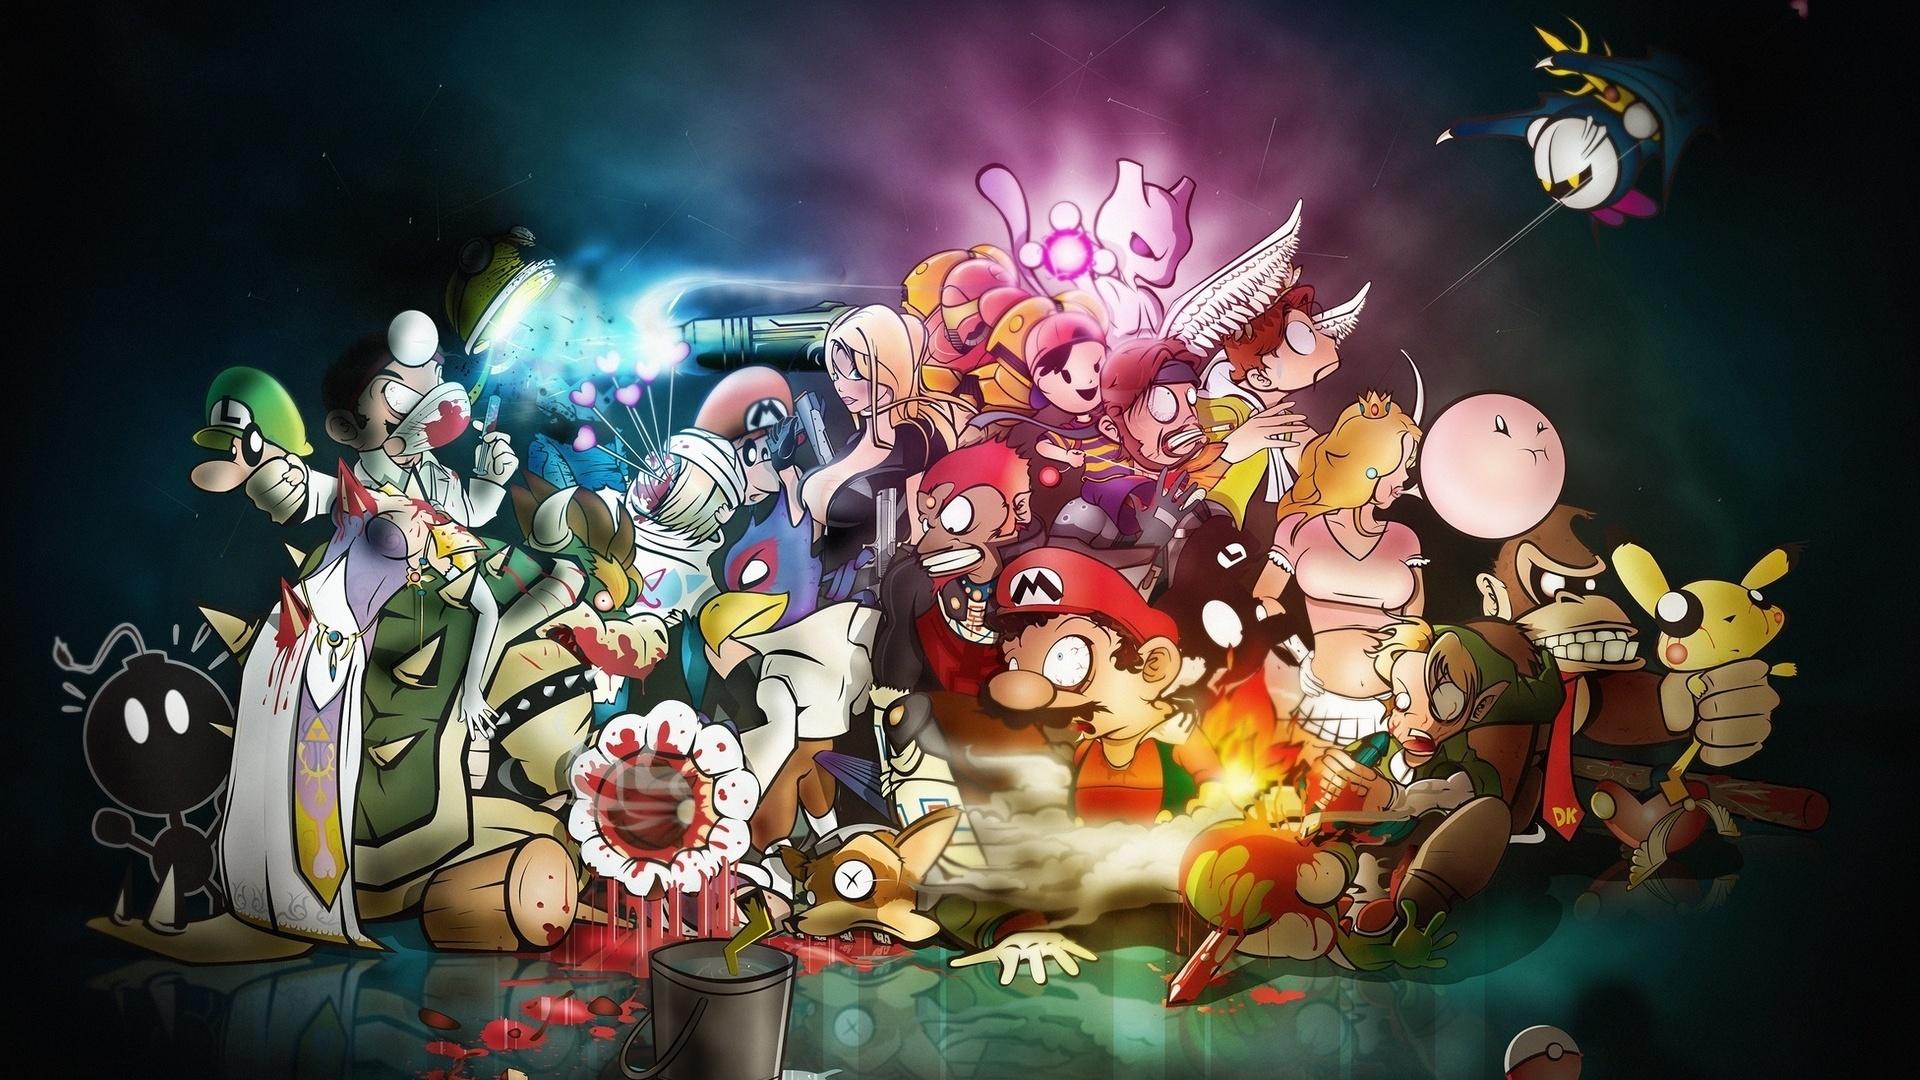 Hd wallpaper best - Jeux Nintendo Mario Fonds D 233 Cran 1920x1080 Full Hd